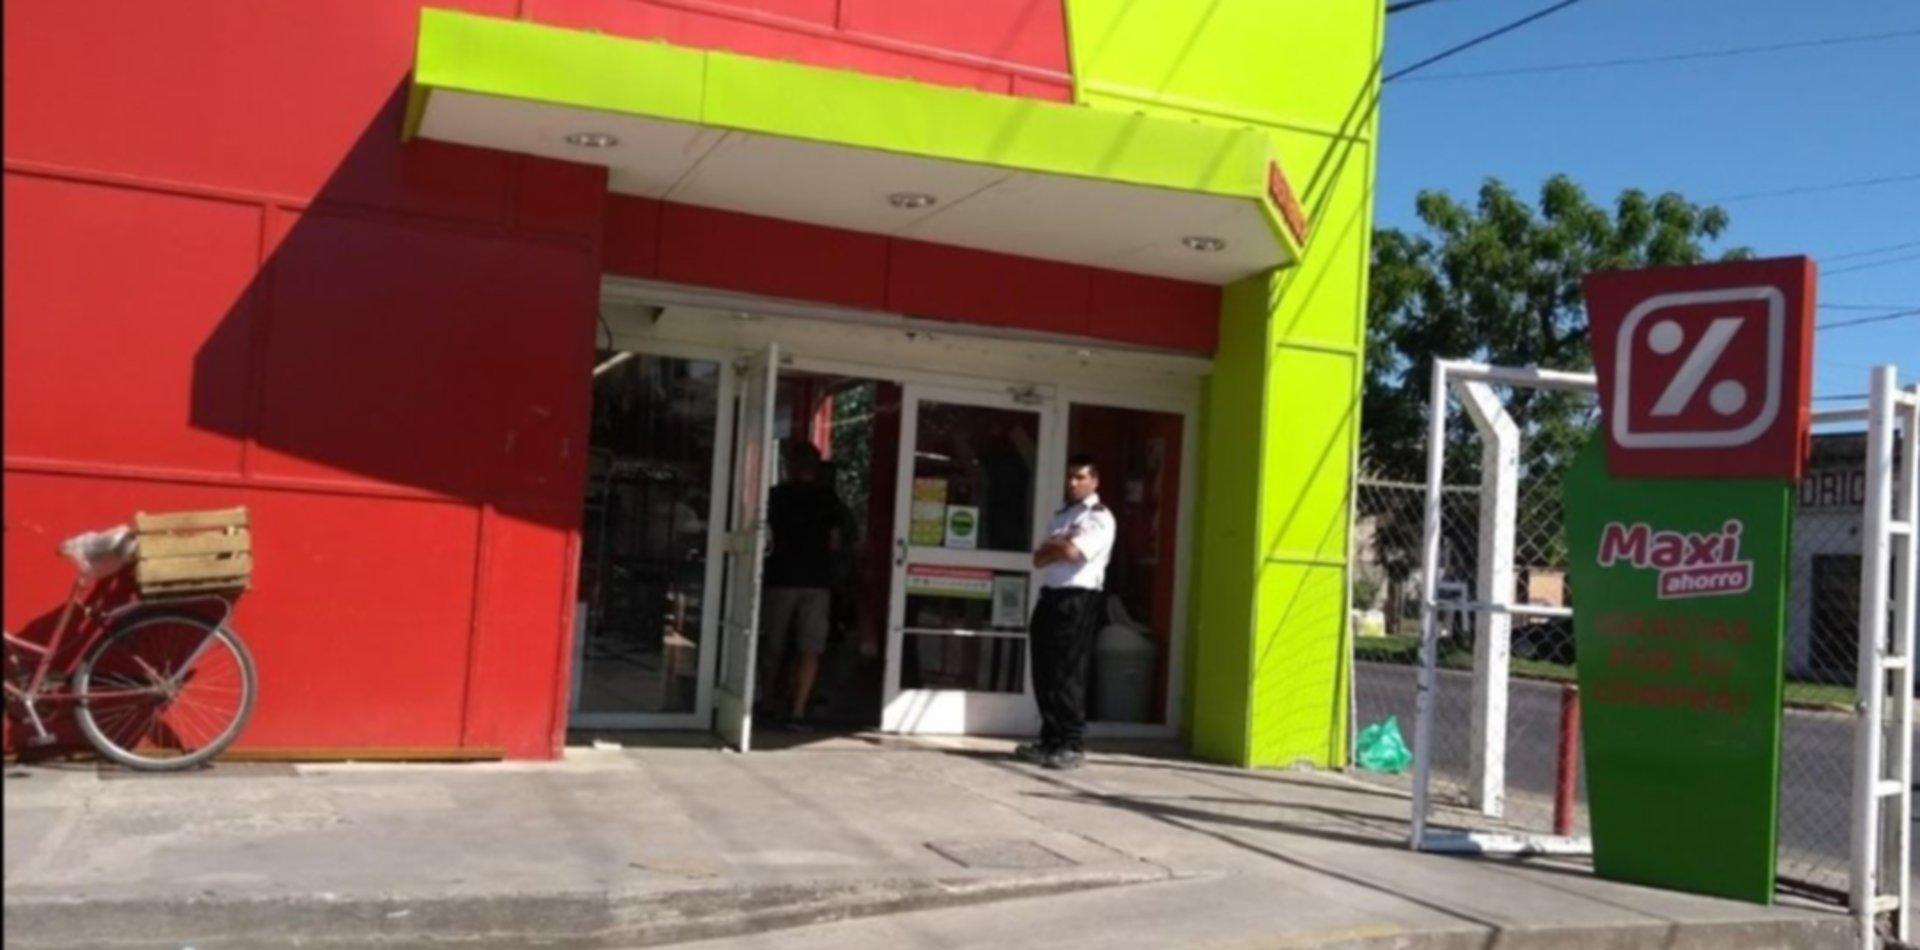 De película: casi entran a robar a un supermercado Día de Ensenada haciendo un boquete